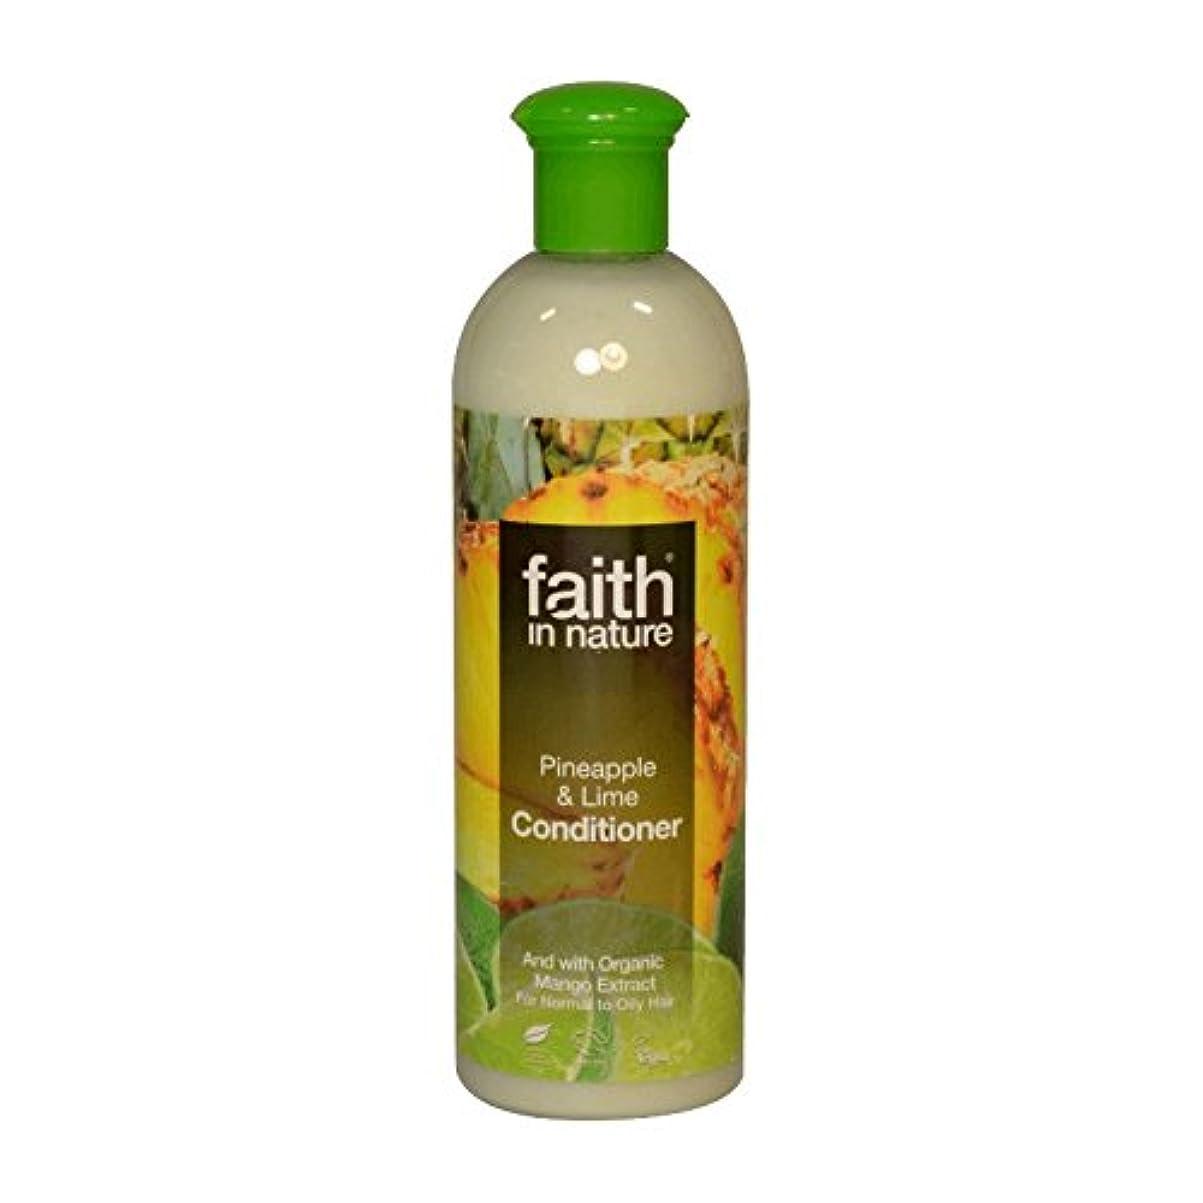 興味取り組むトレース自然パイナップル&ライムコンディショナー400ミリリットルの信仰 - Faith in Nature Pineapple & Lime Conditioner 400ml (Faith in Nature) [並行輸入品]